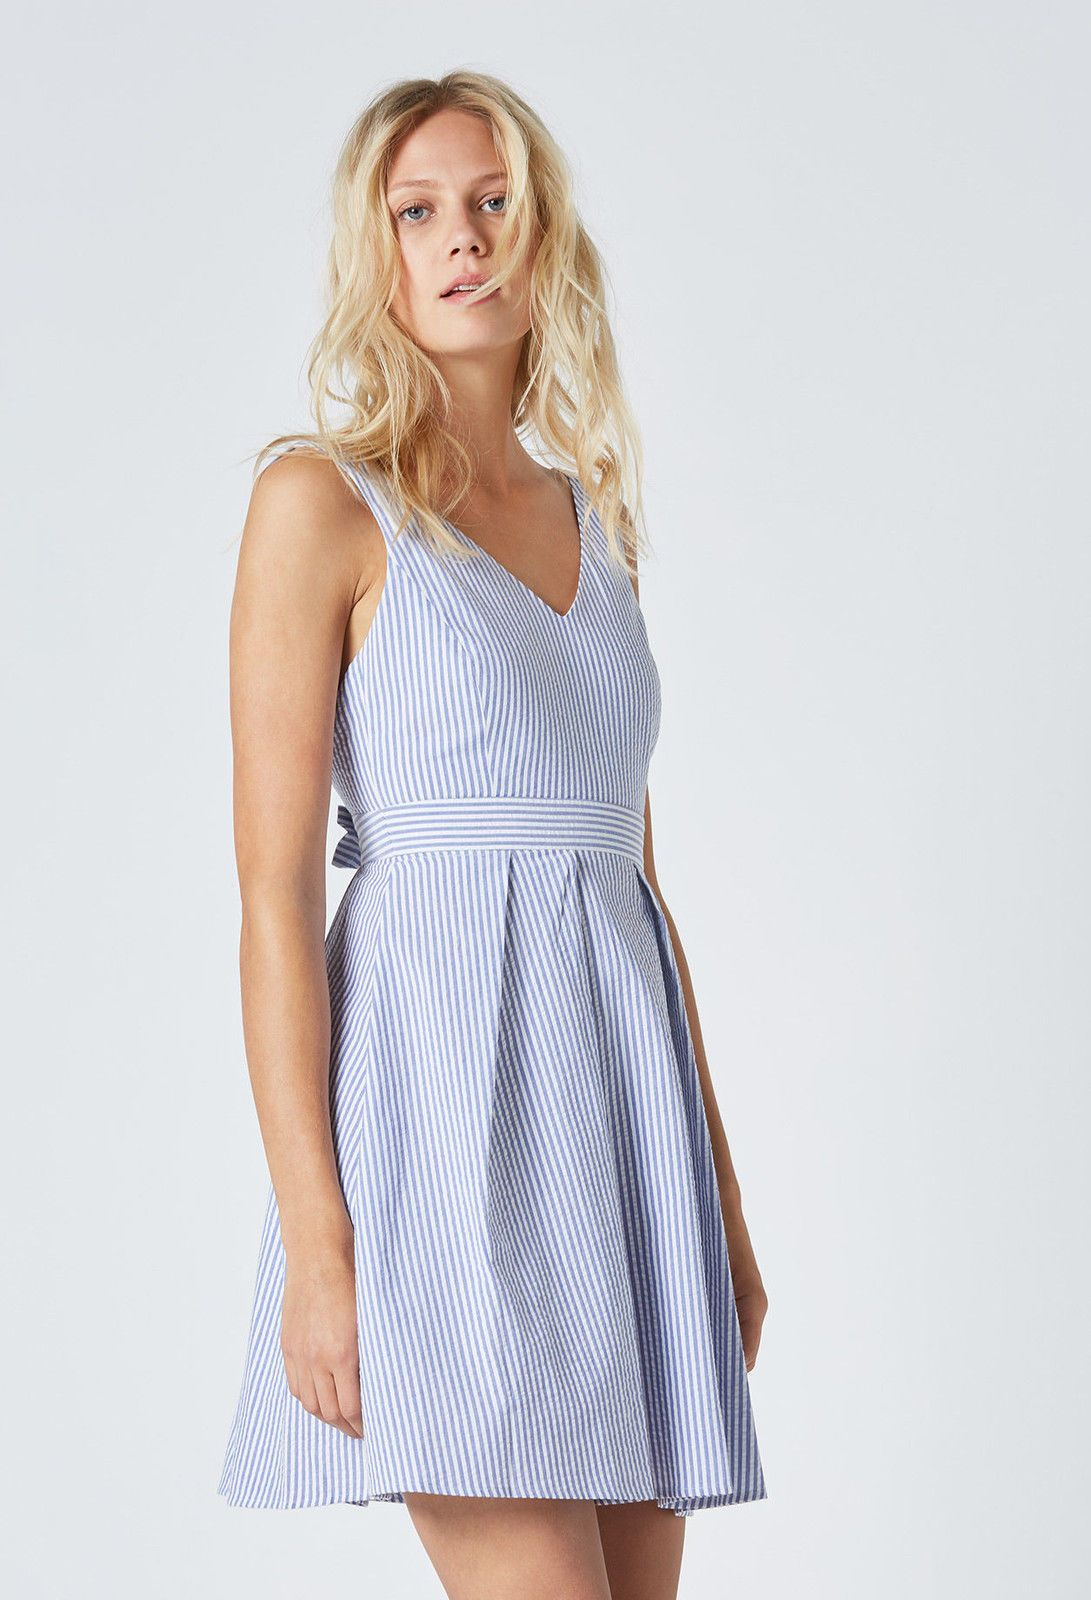 Pierlot Couture Claudie Avec Etiquettes Ebay 36 En Neuve Robe wAqZ5Rx